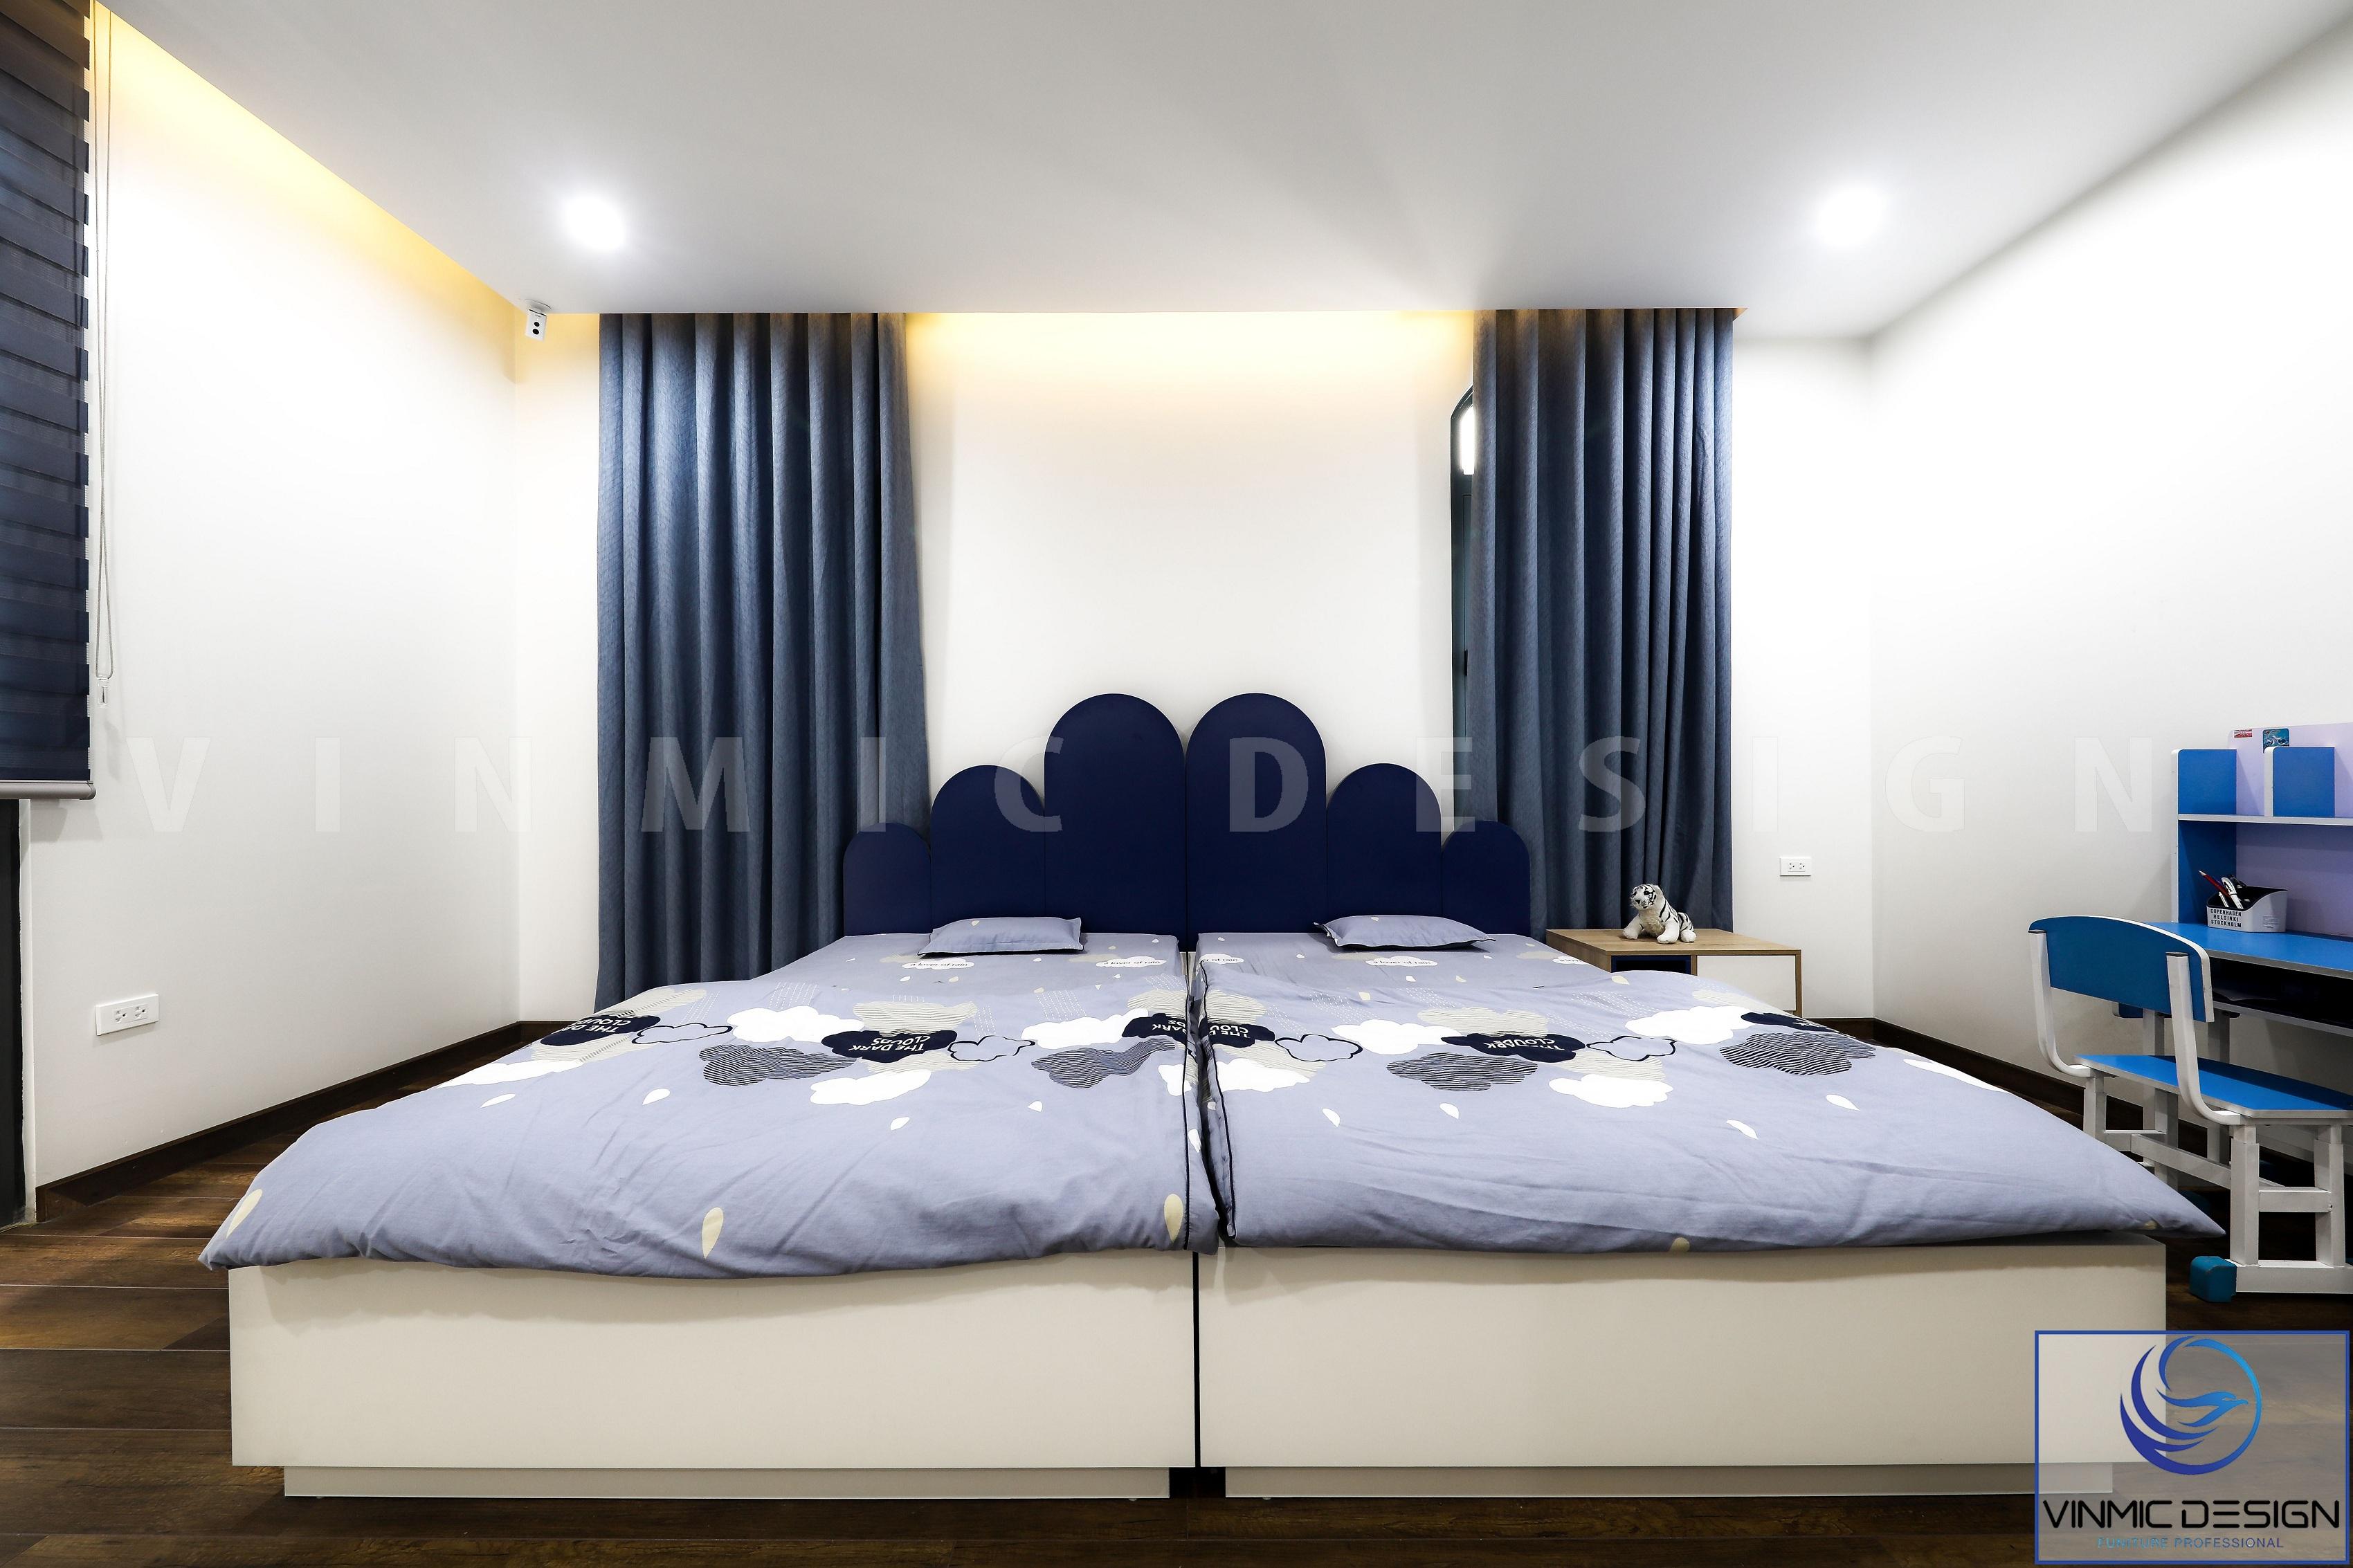 Với sự cách điệu của đầu giường là một điểm nhấn lớn cho không gian phòng ngủ này